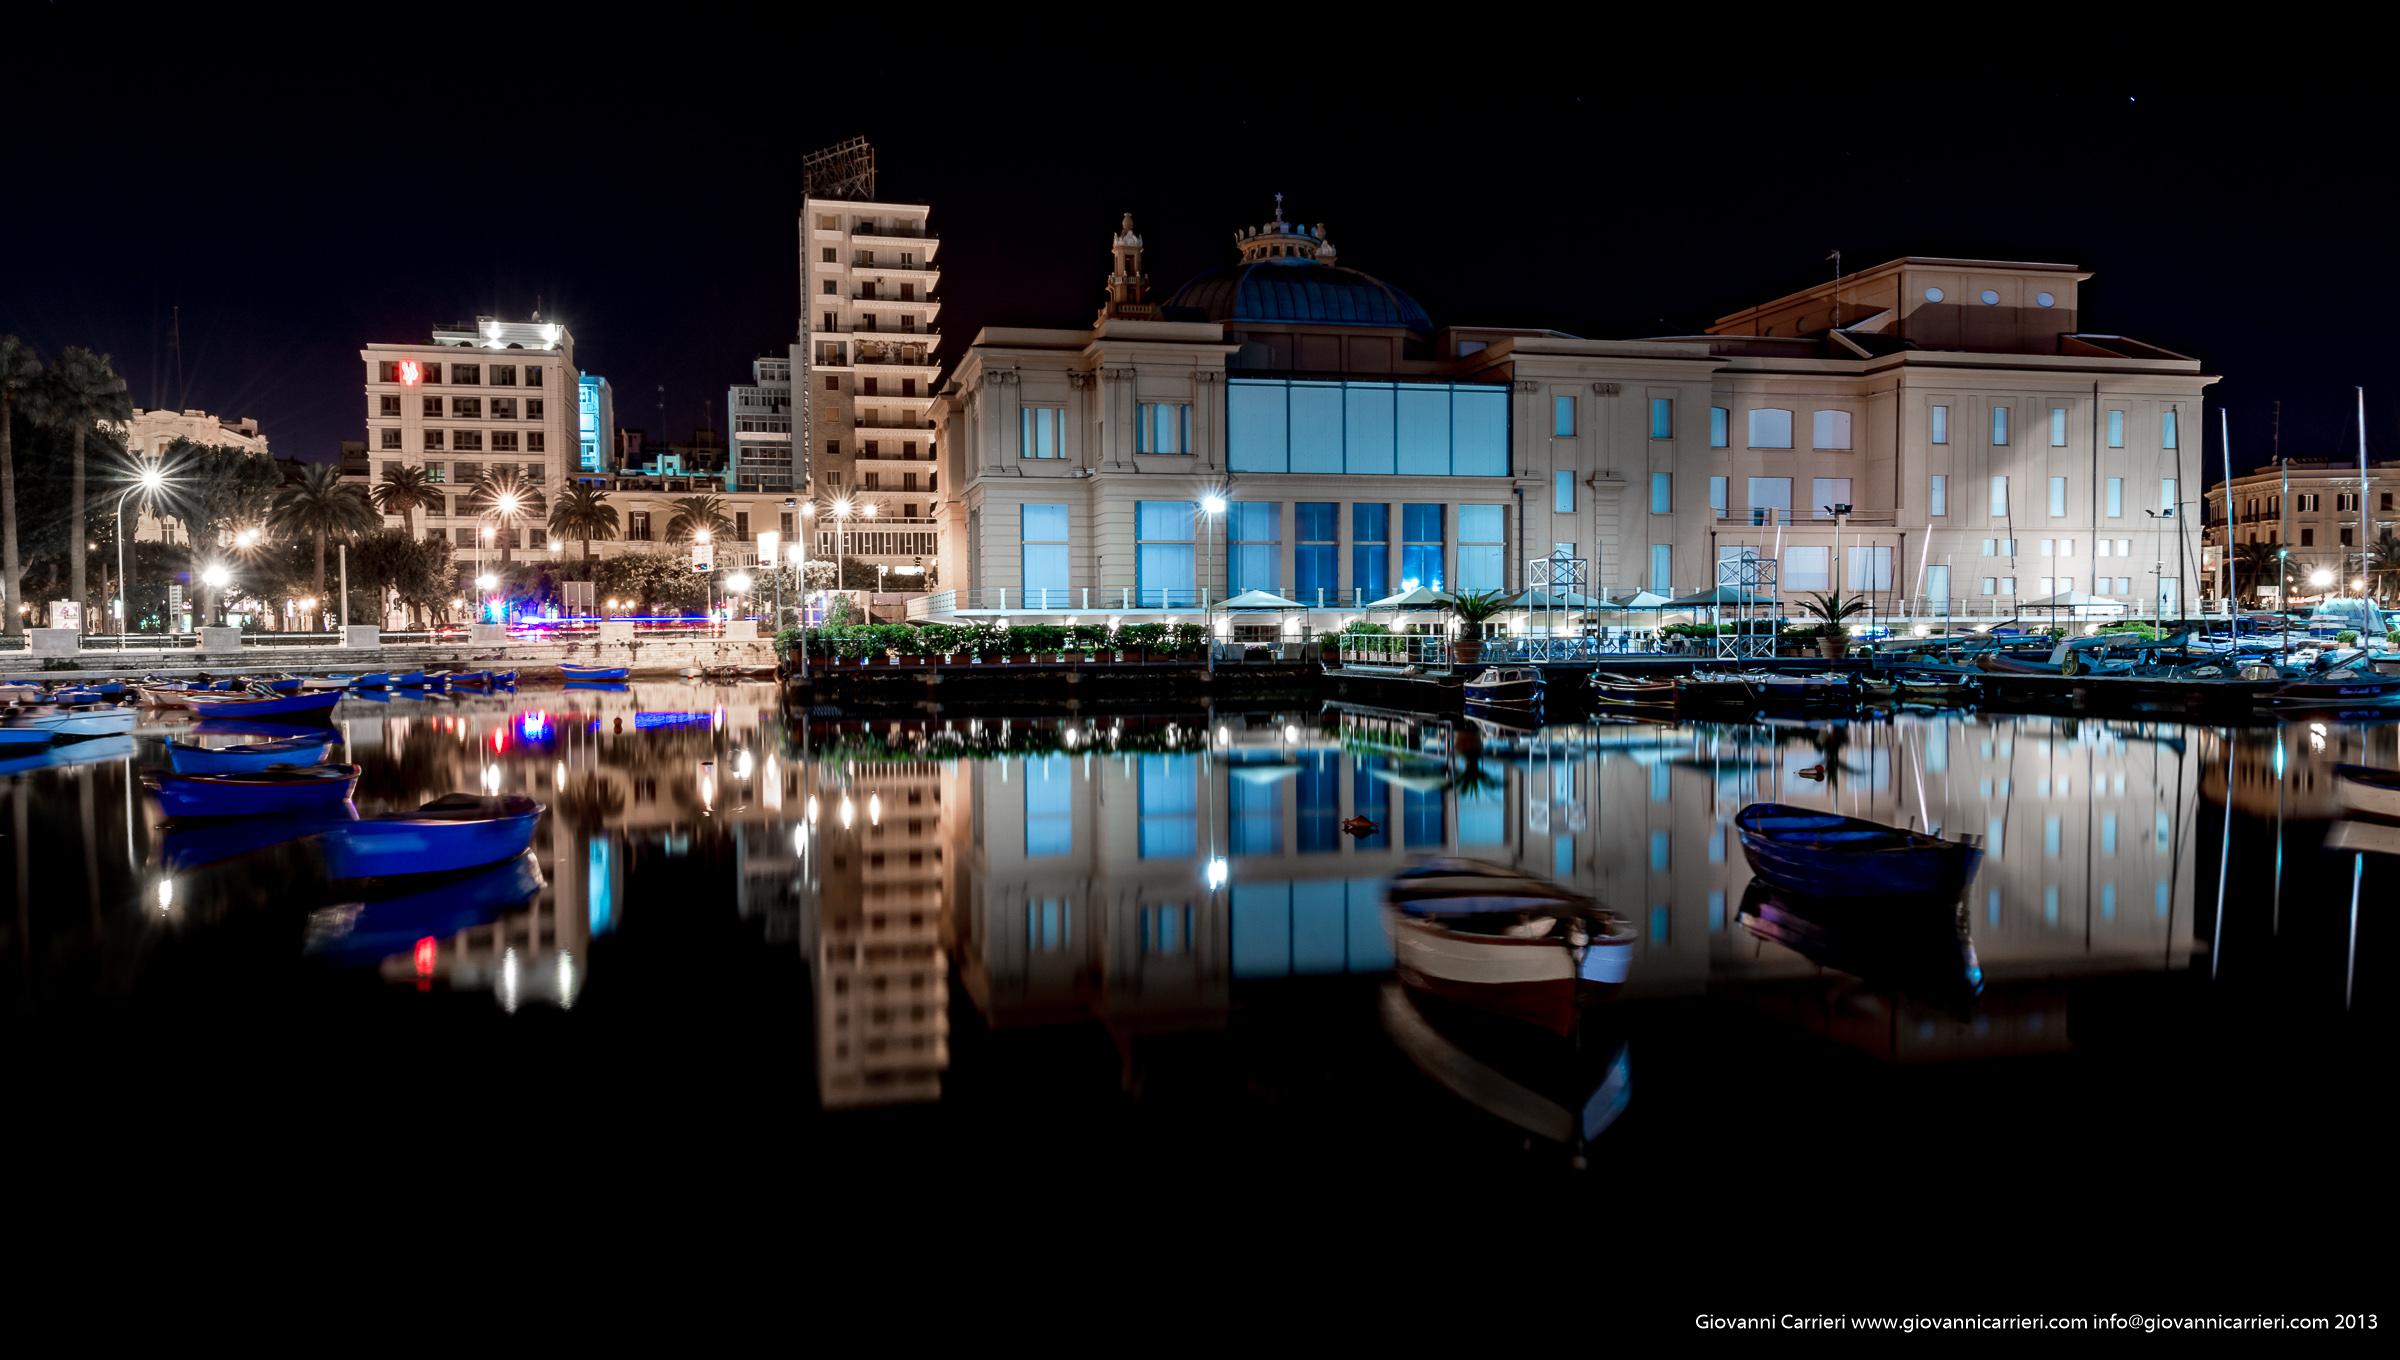 Vista panoramica in notturna del Teatro Margherita